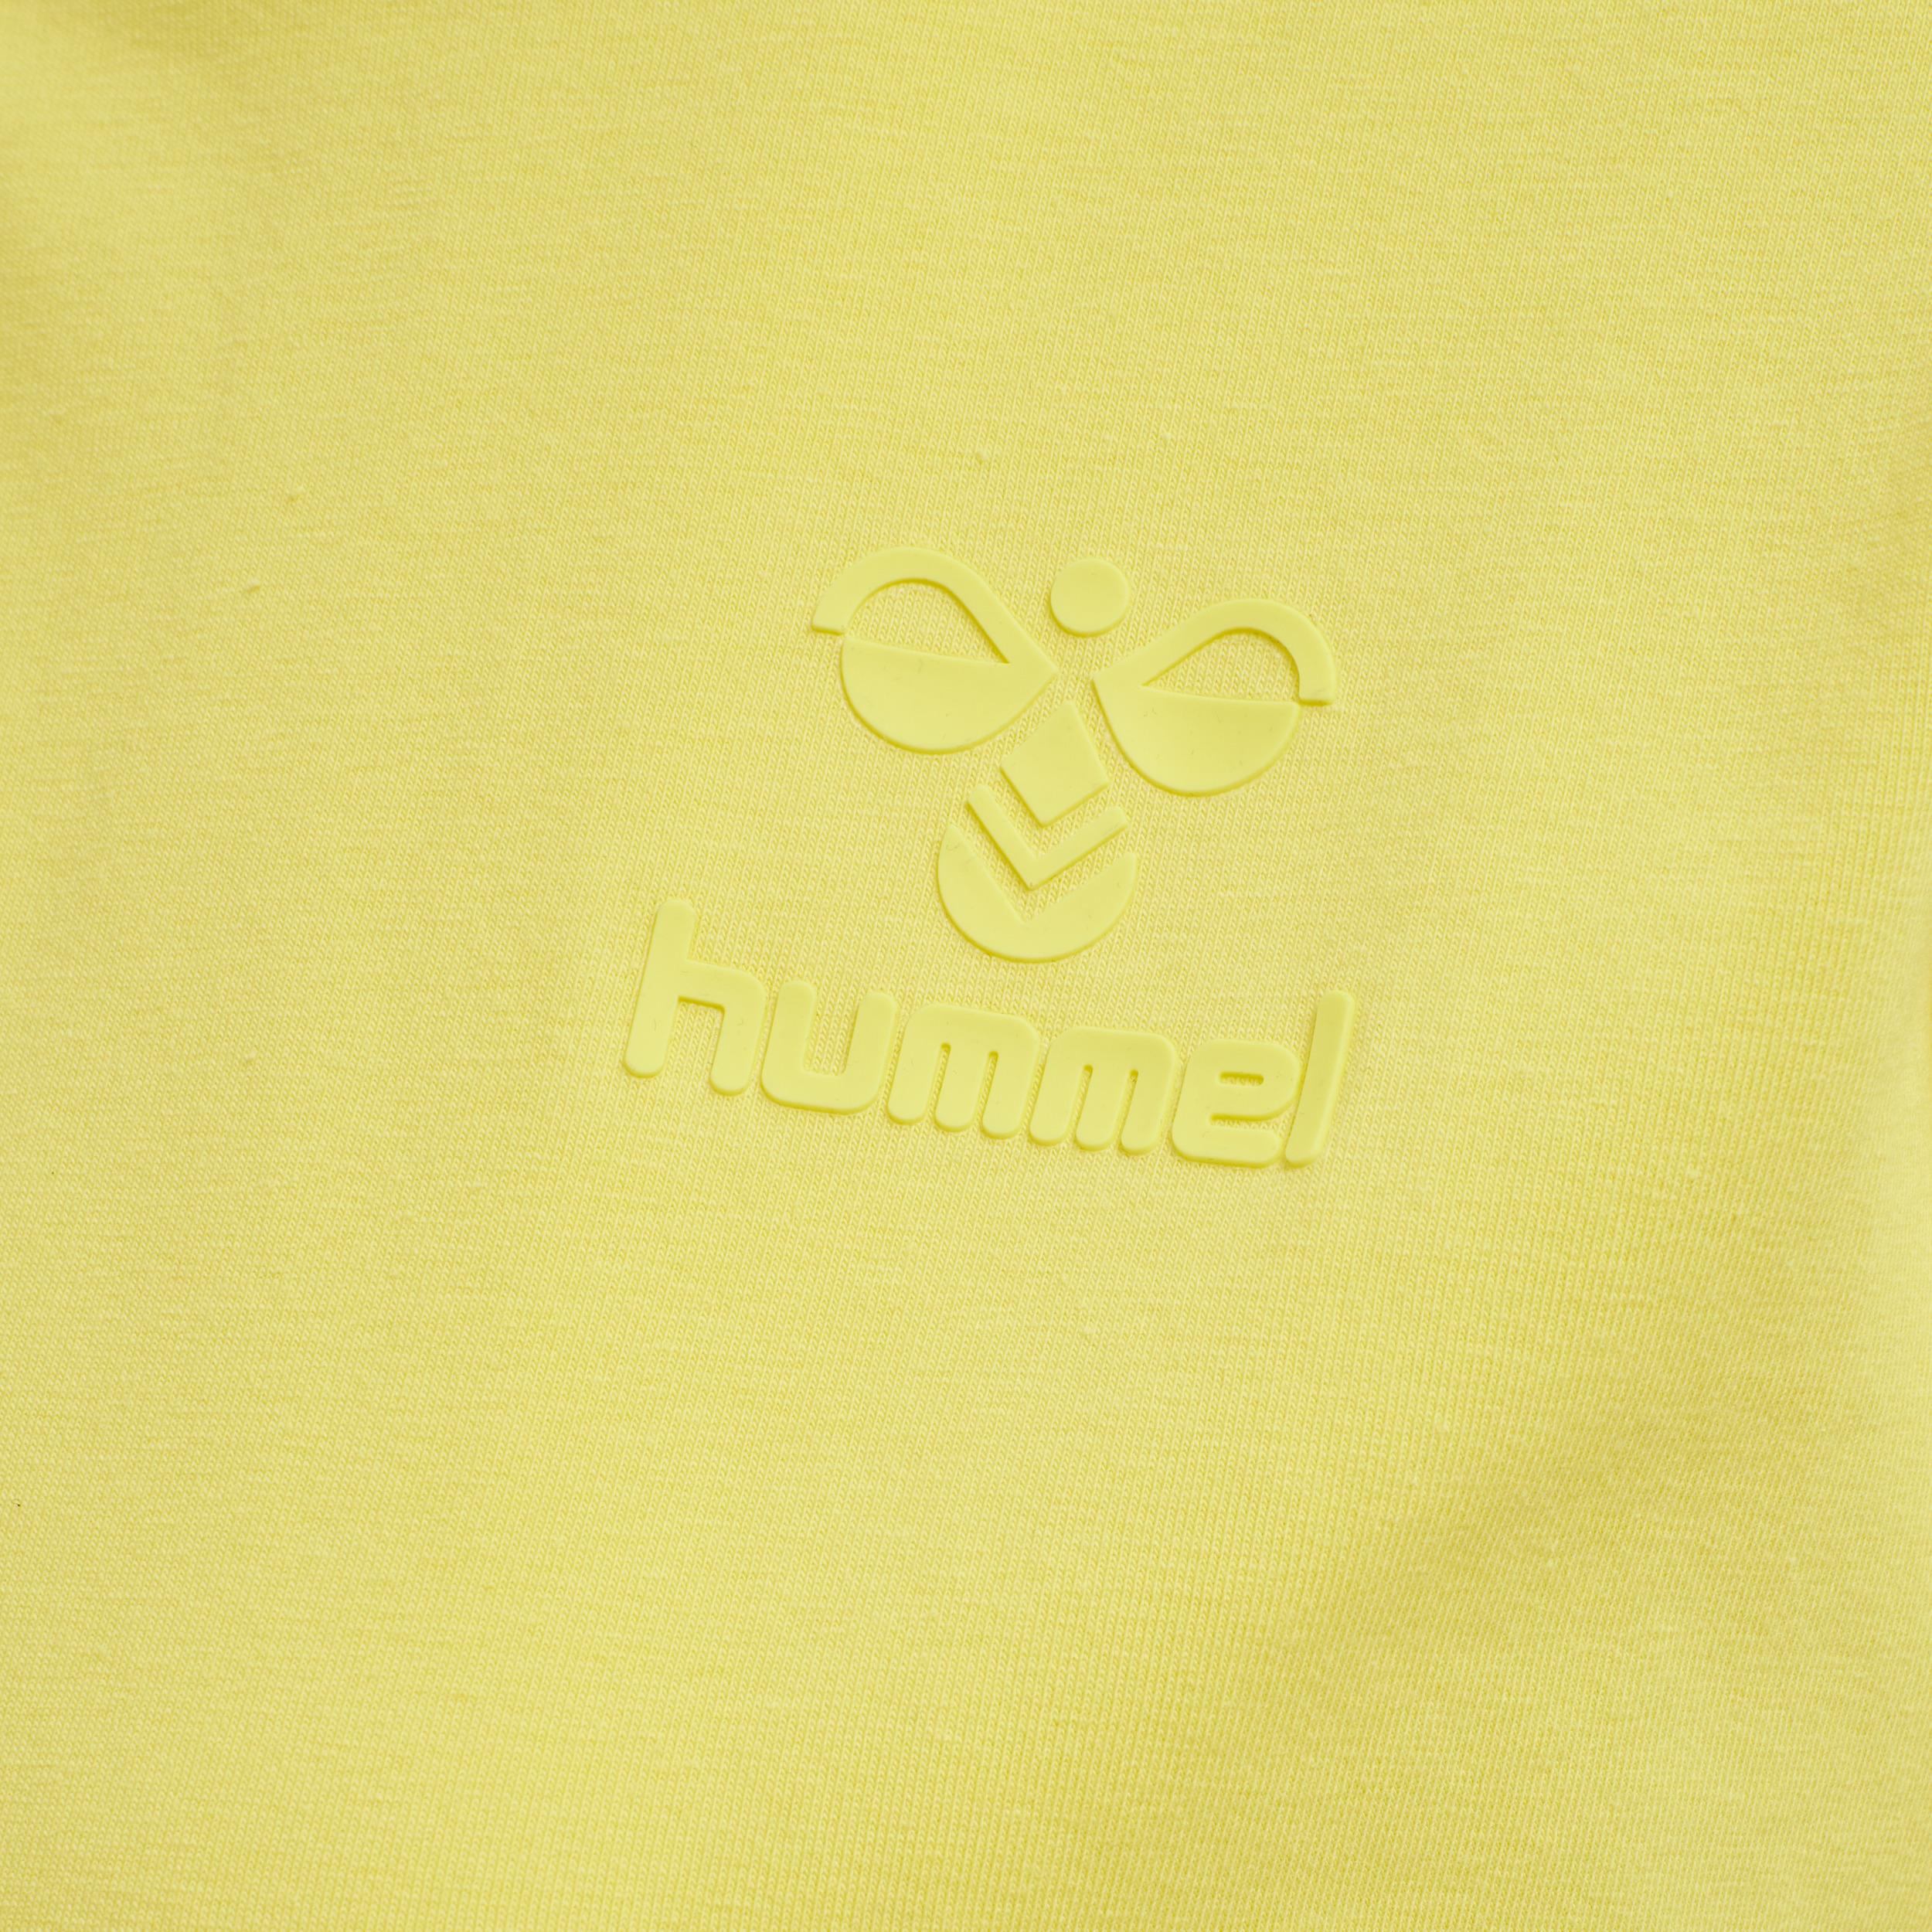 Hummel Isobella S/S t-shirt, celandine, large